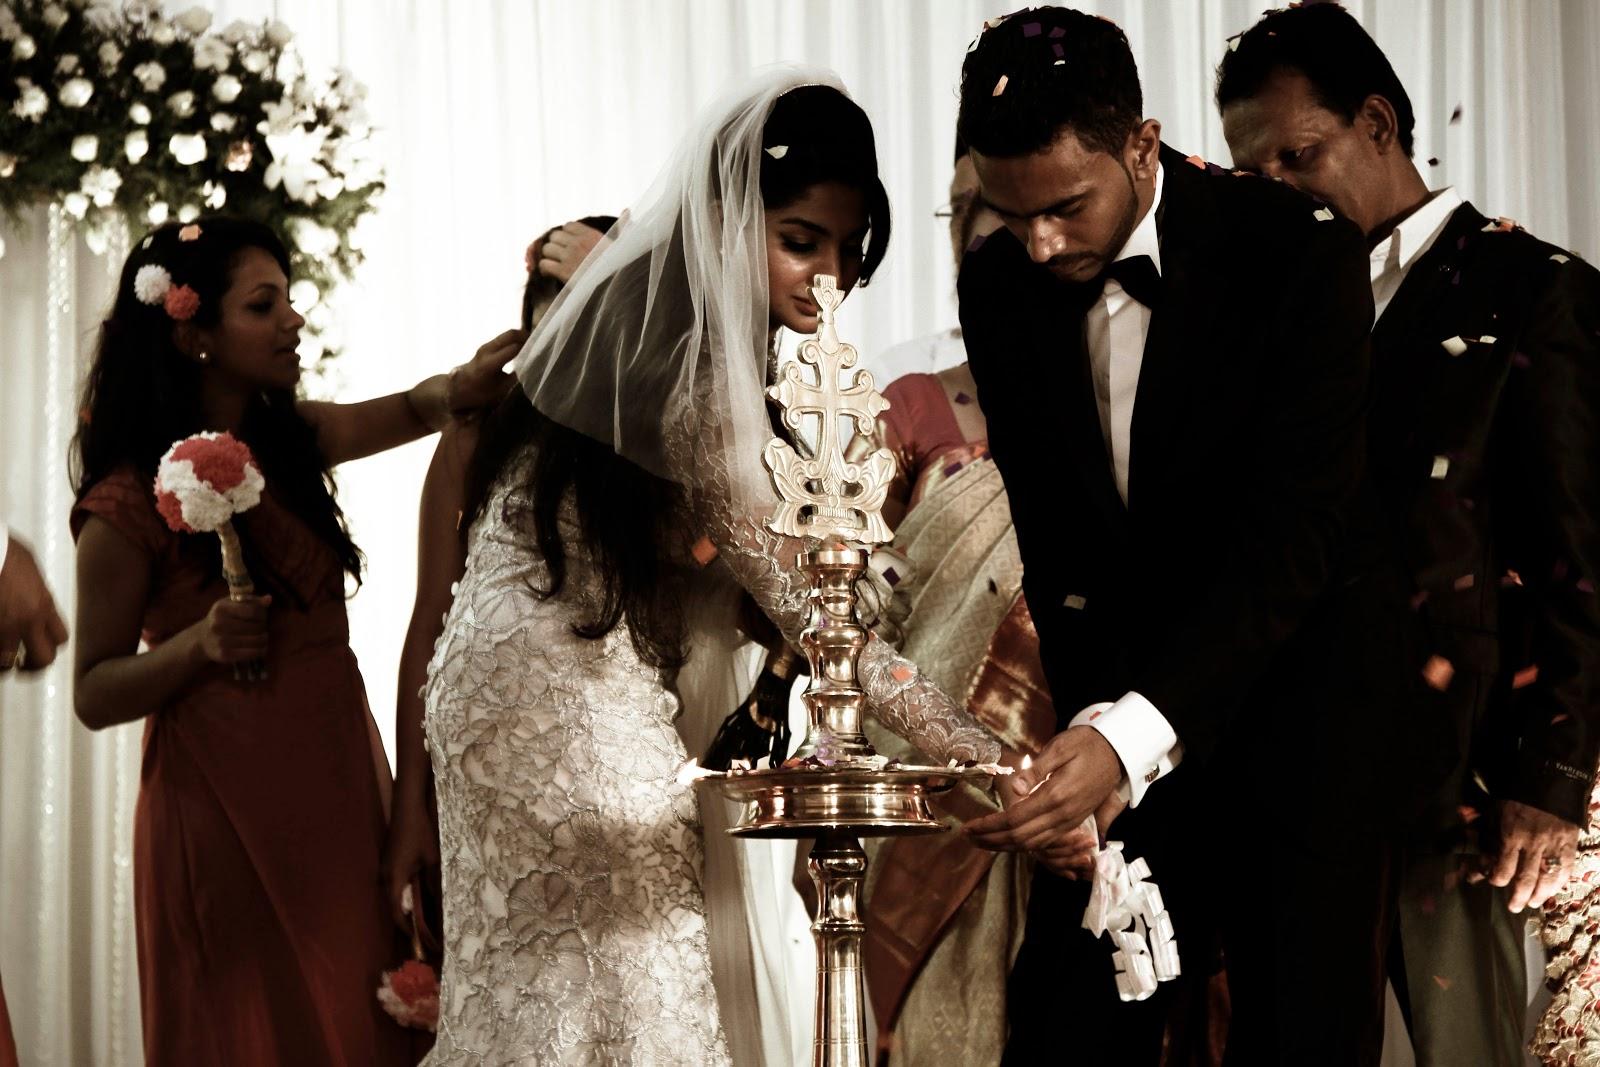 christian wedding ceremony rituals, wedding planner pathanamthitta +u, wedding planner pathanamthitta +v, wedding planner pathanamthitta + w, wedding planner pathanamthitta + x, wedding planner pathanamthitta + y,